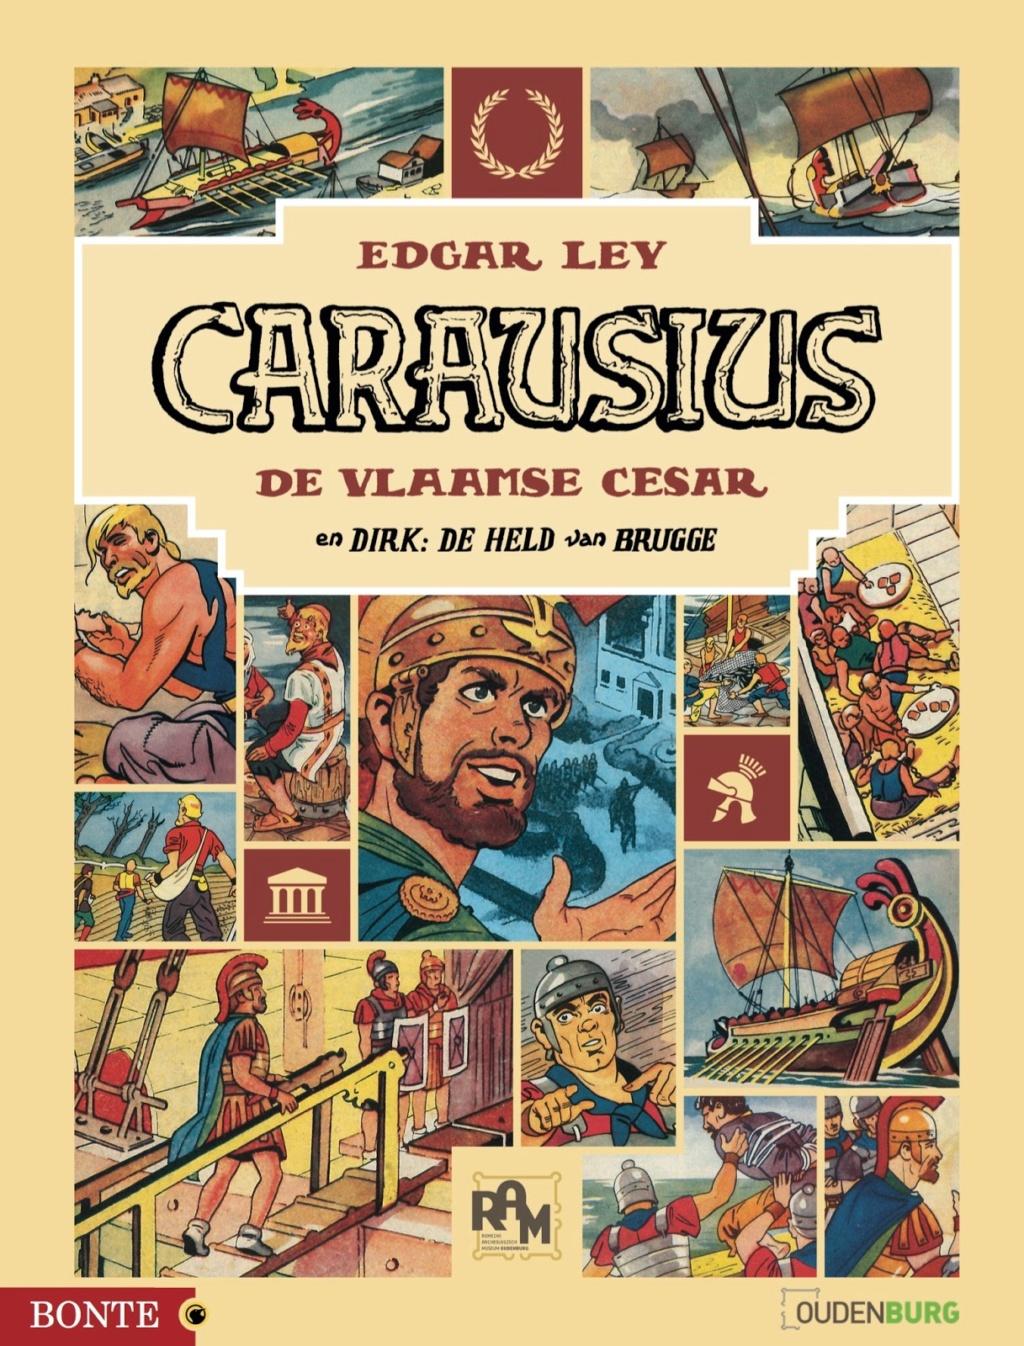 Edgar LEY ; Frank et les autres. Caraus11